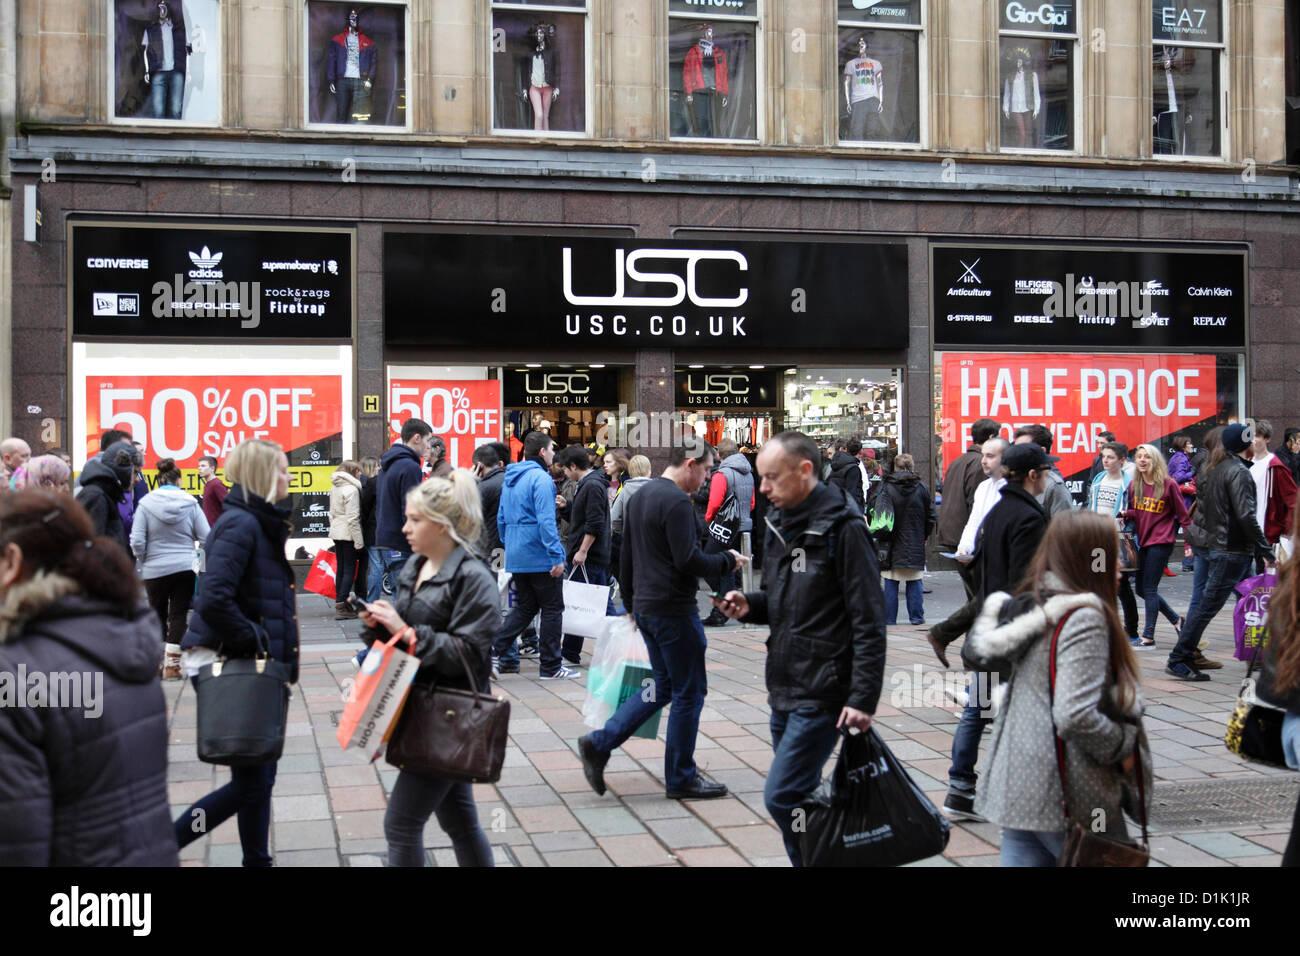 usc-shop-on-buchanan-street-in-glasgow-c